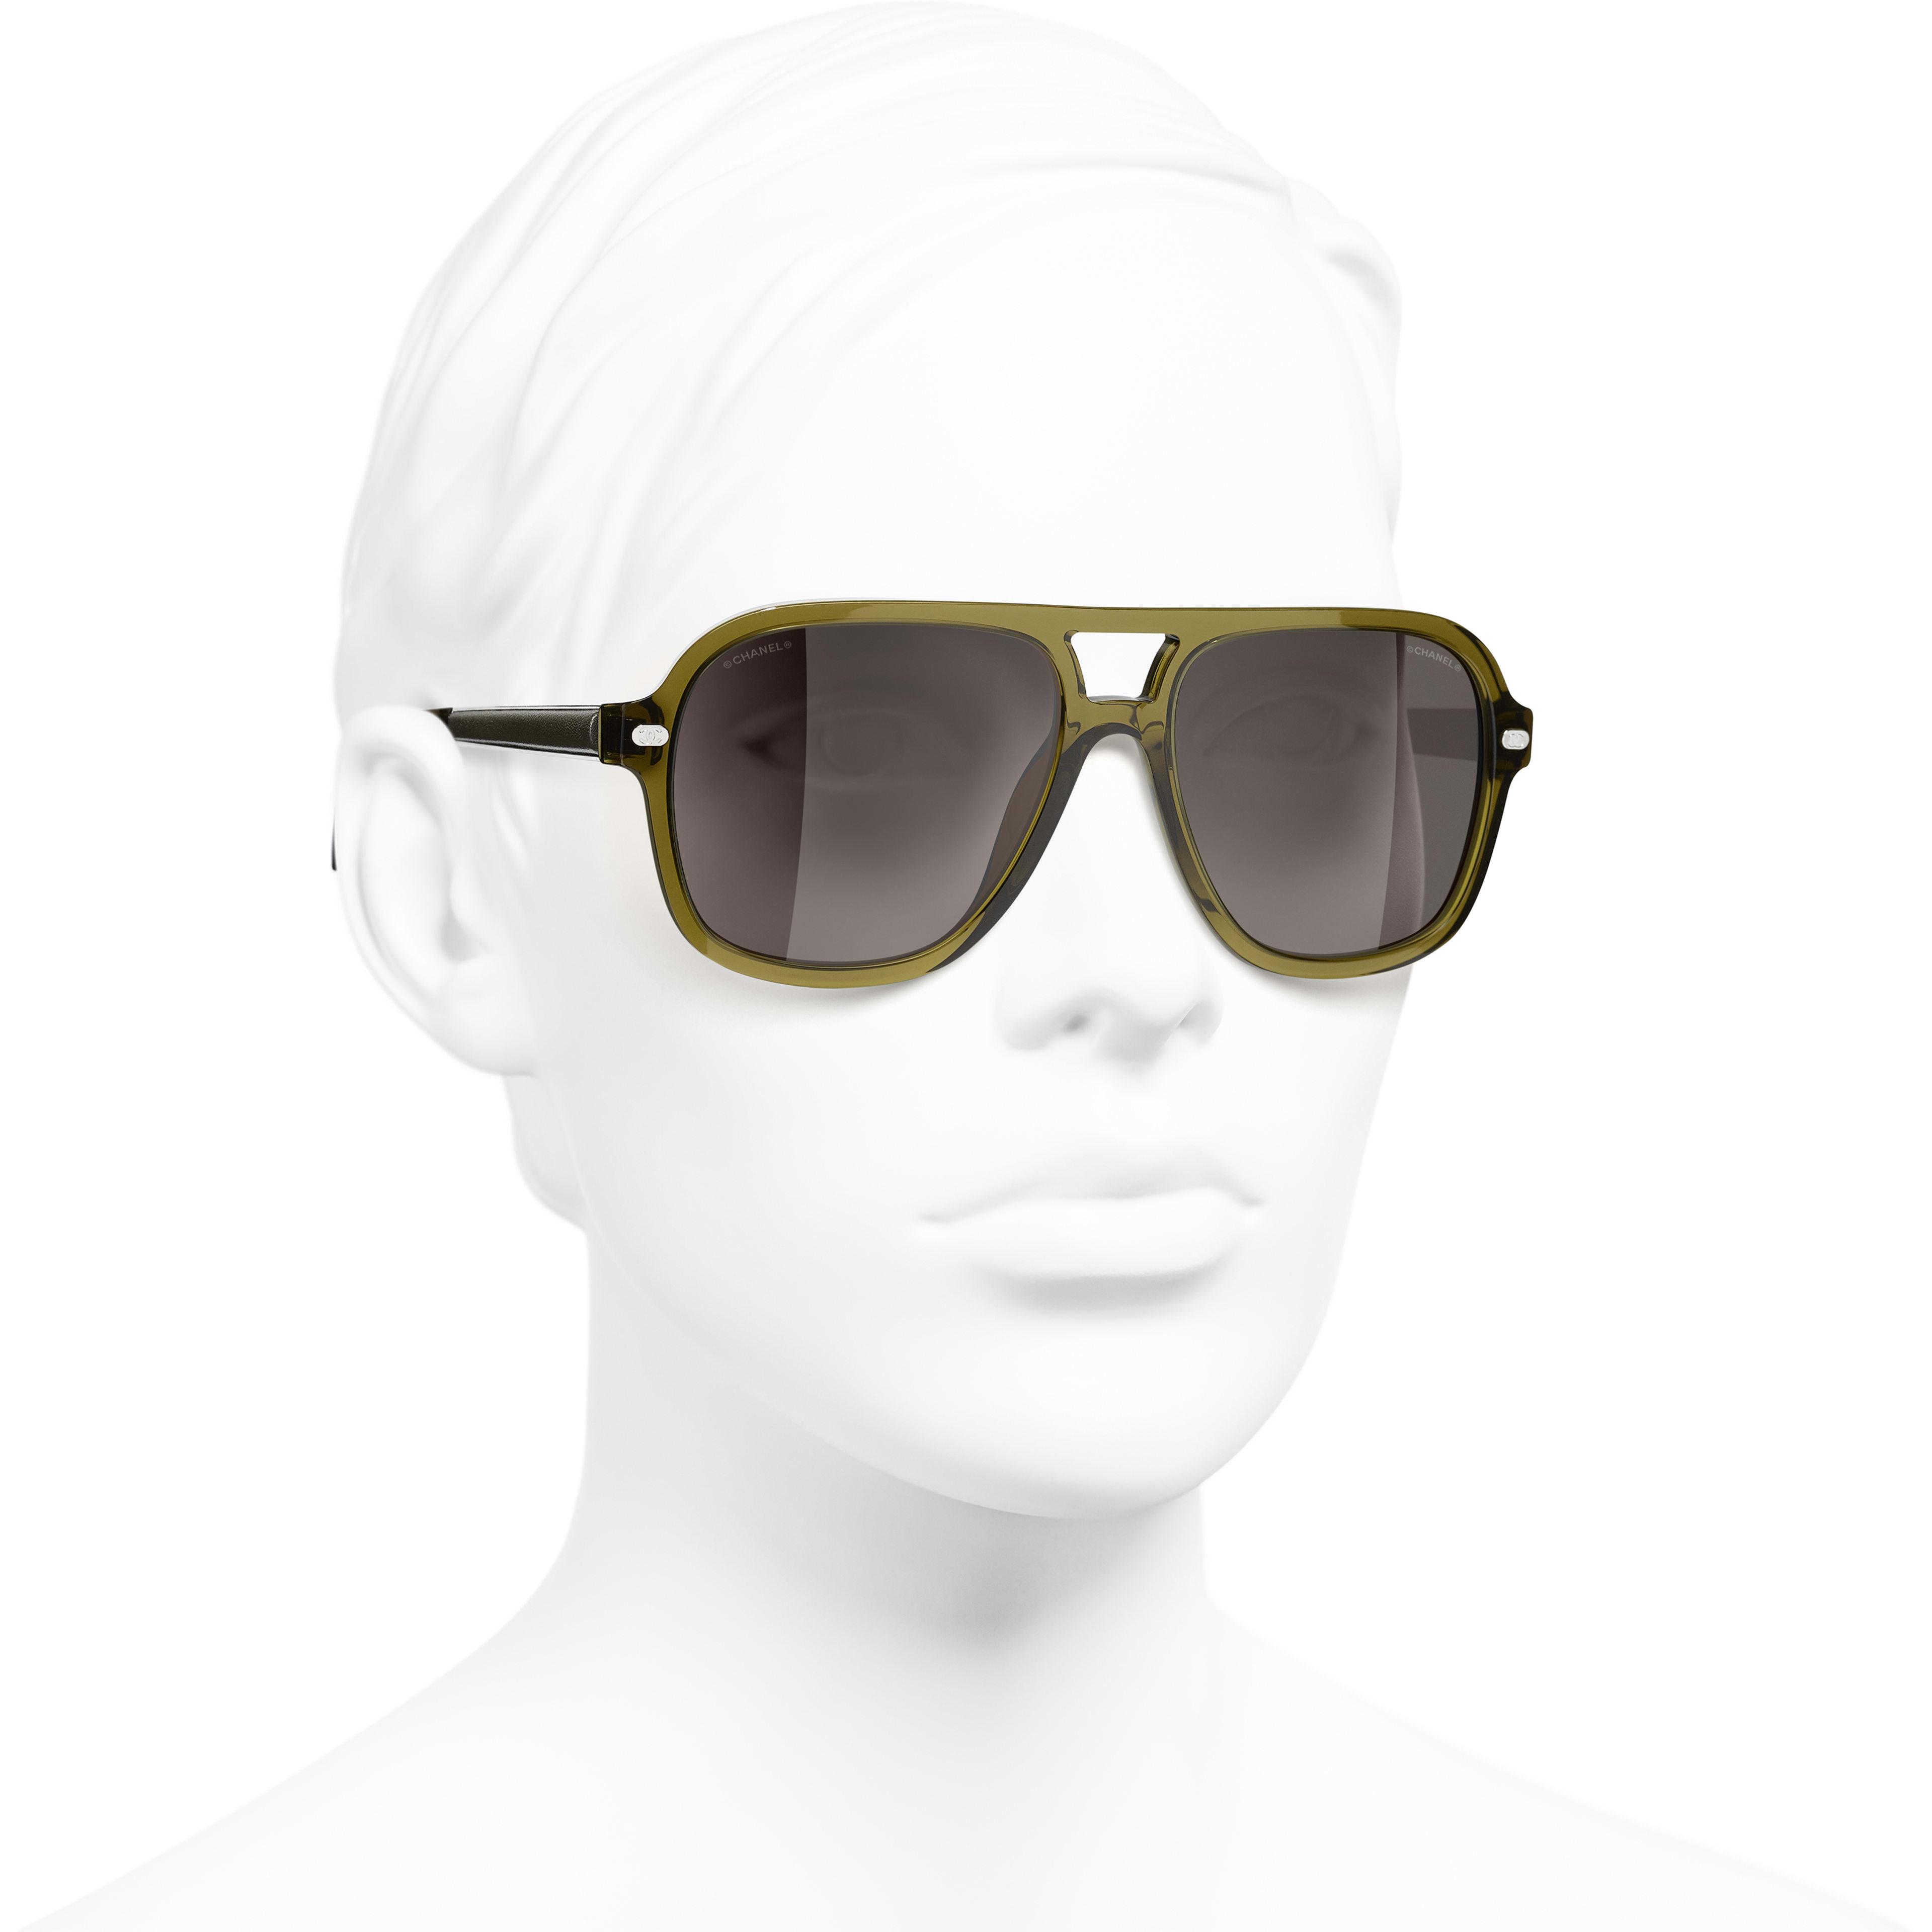 Okulary przeciwsłoneczne pilotki - Kolor khaki - Acetat i skóra jagnięca - CHANEL - Widok 3/4 – zobacz w standardowym rozmiarze